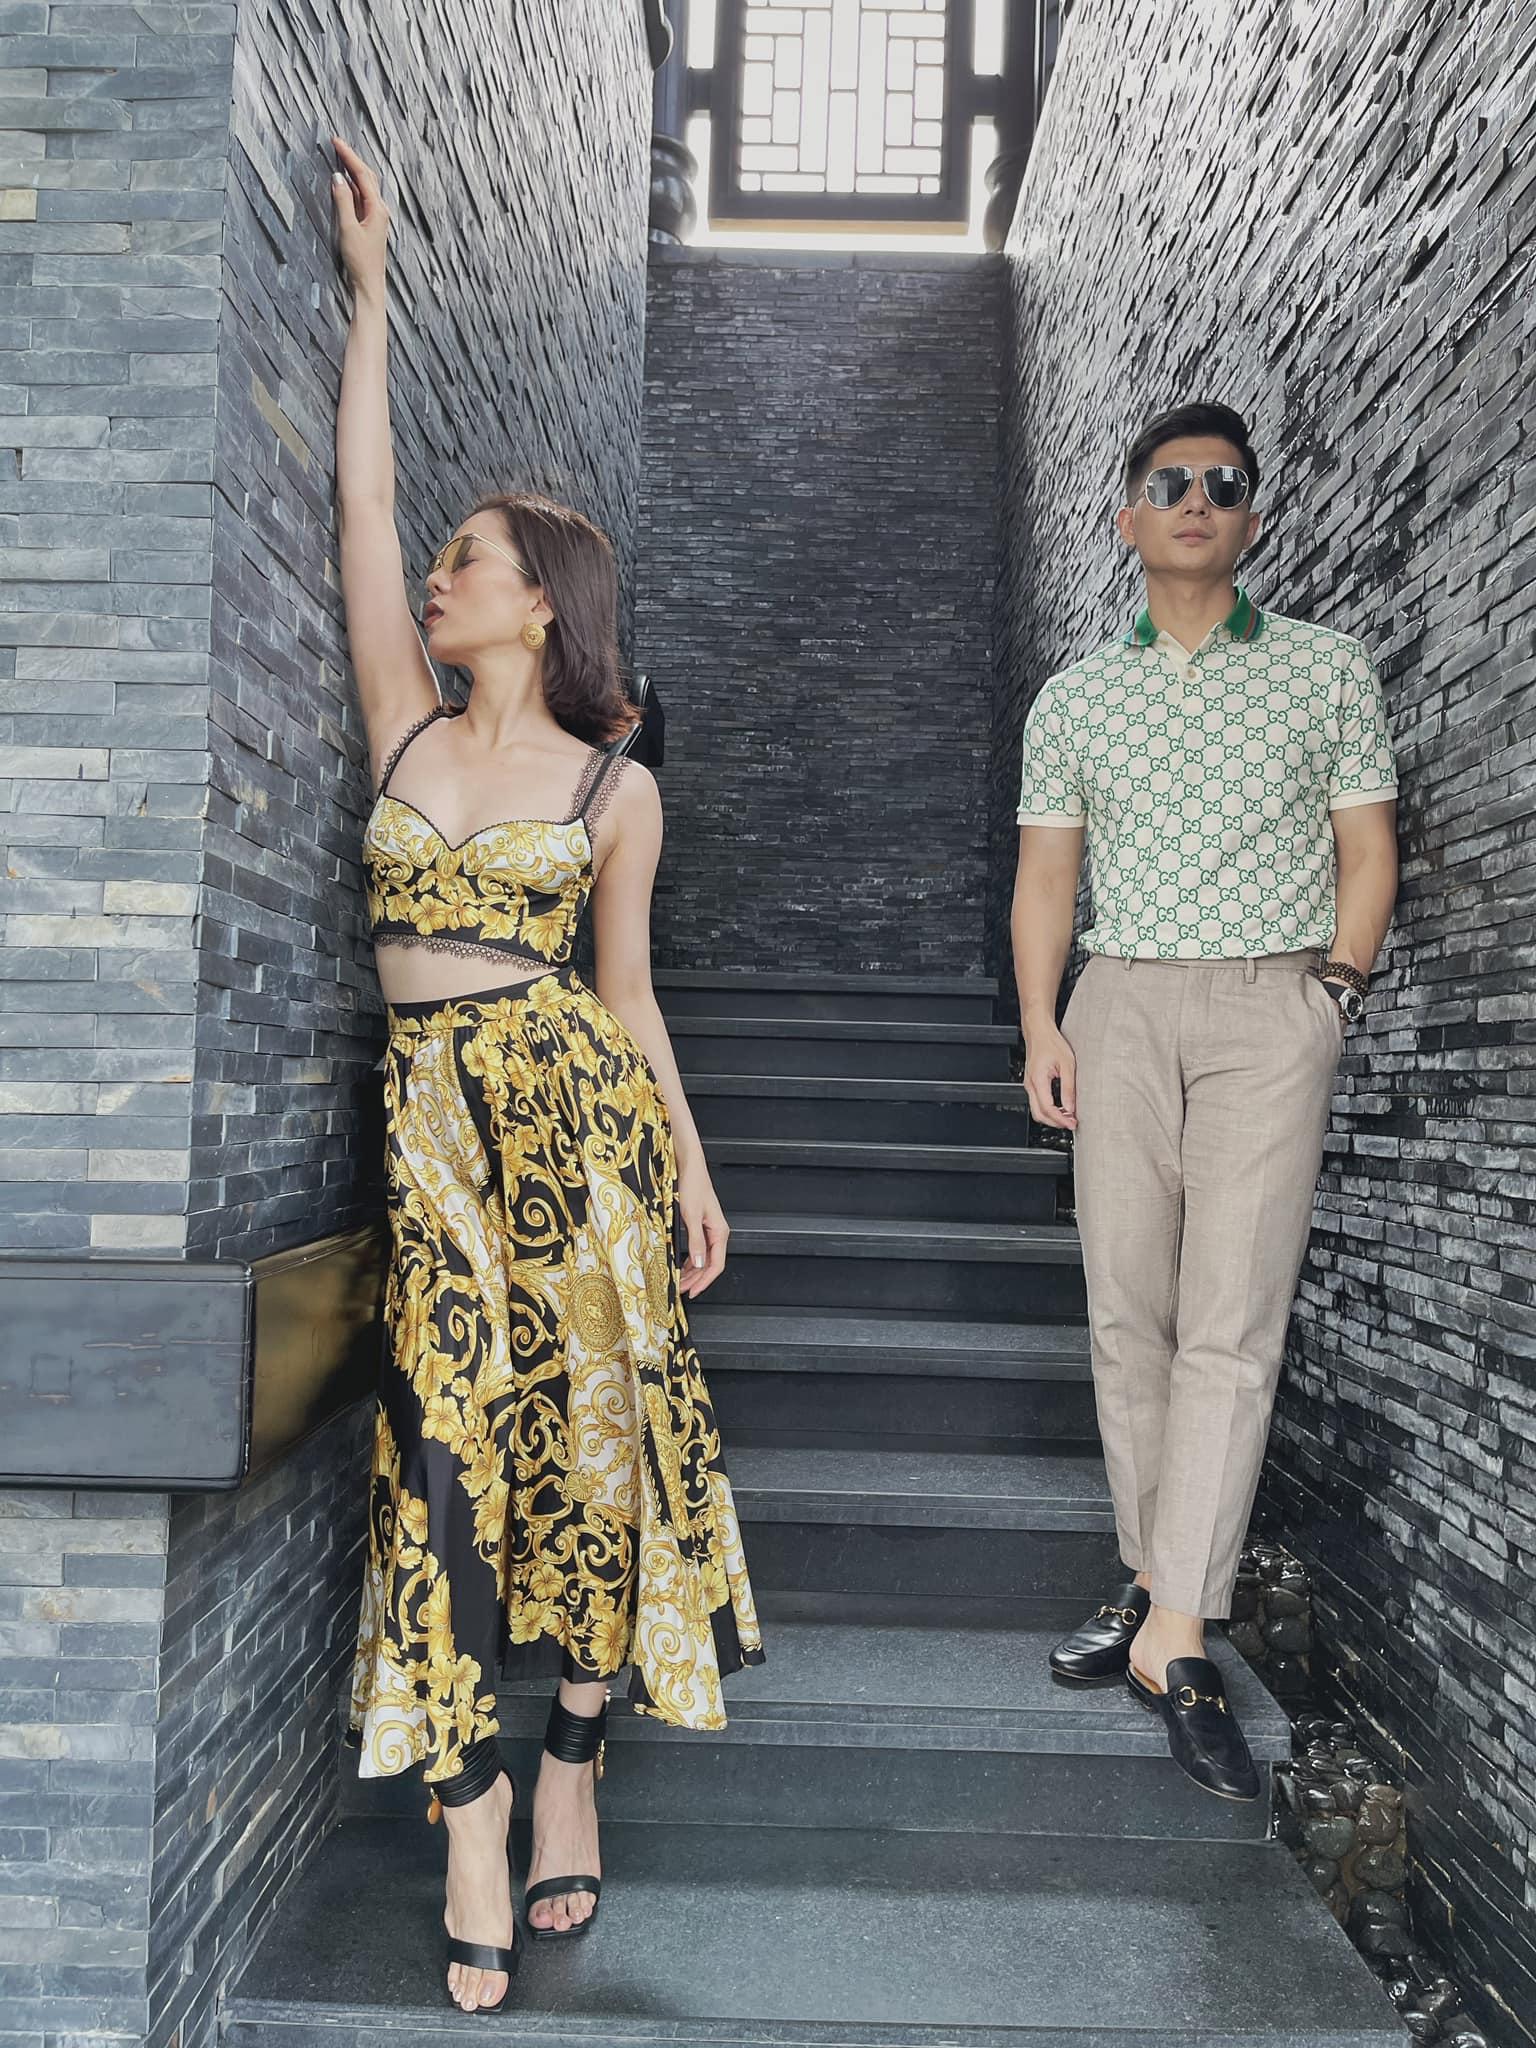 Diện lại áo cũ, Lệ Quyên đụng độ em chồng Hà Tăng nhưng quan trọng là level lên đồ đã thăng cấp tinh tế hơn hẳn - Ảnh 2.